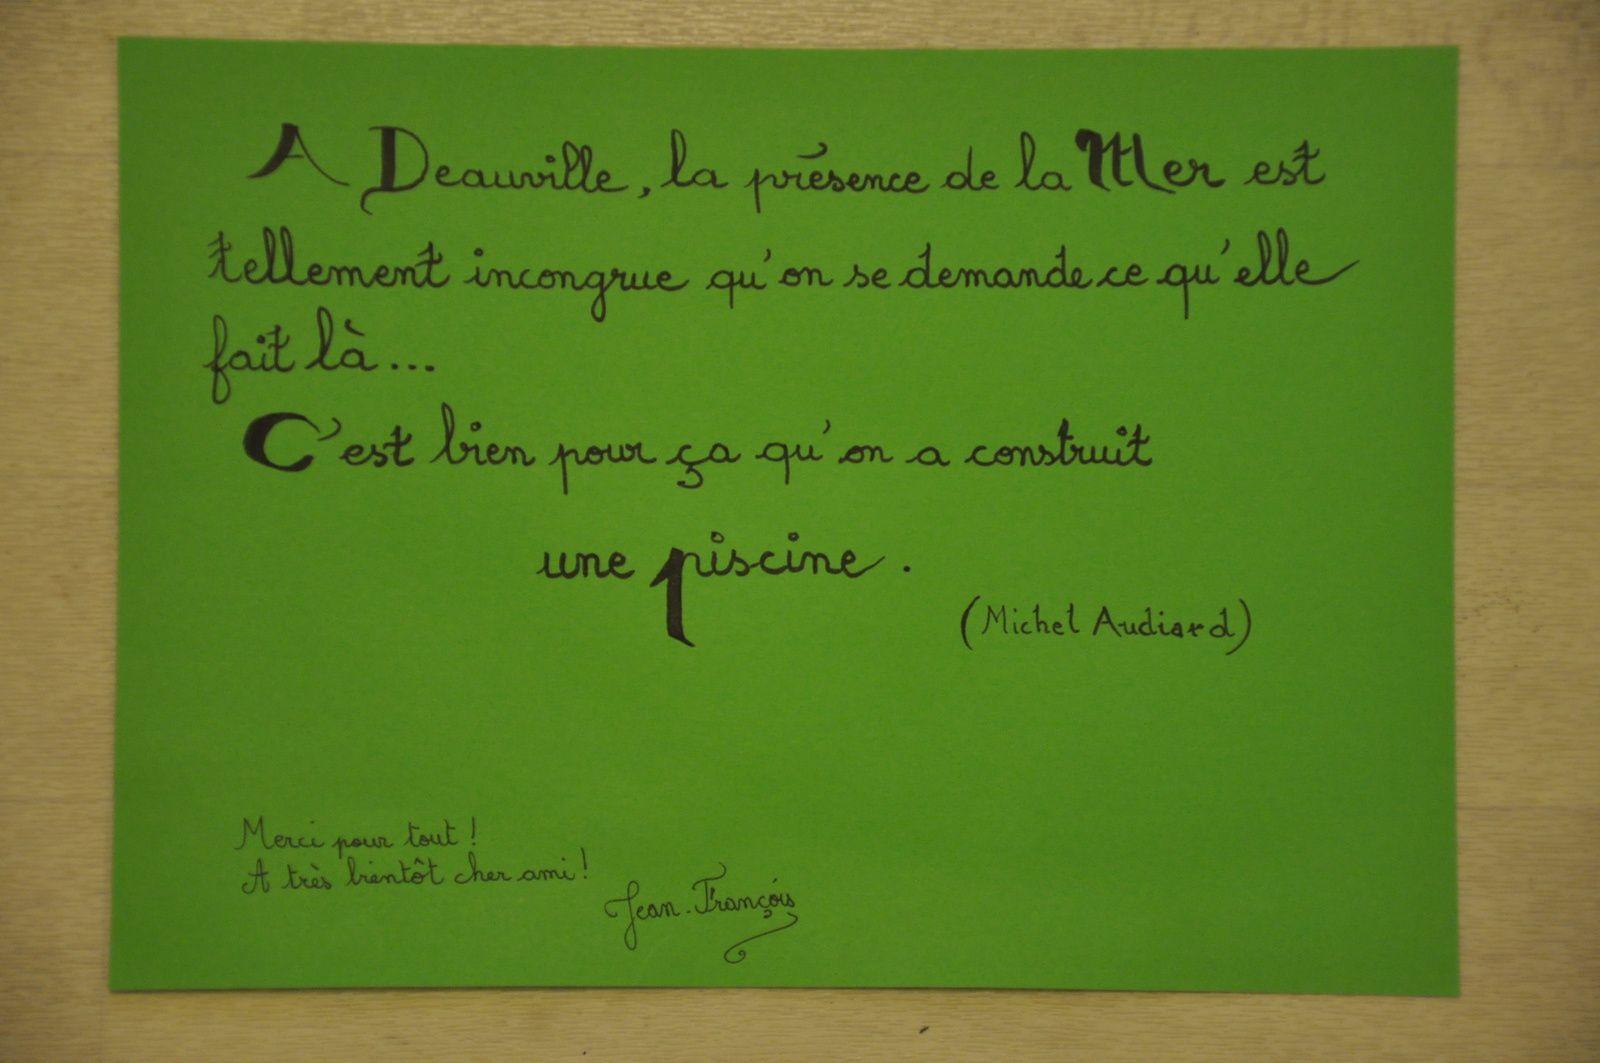 Pour Jean-Michel Trouche, ces deux envois en même temps qui ne rattraperont jamais les siens mais le coeur y est!